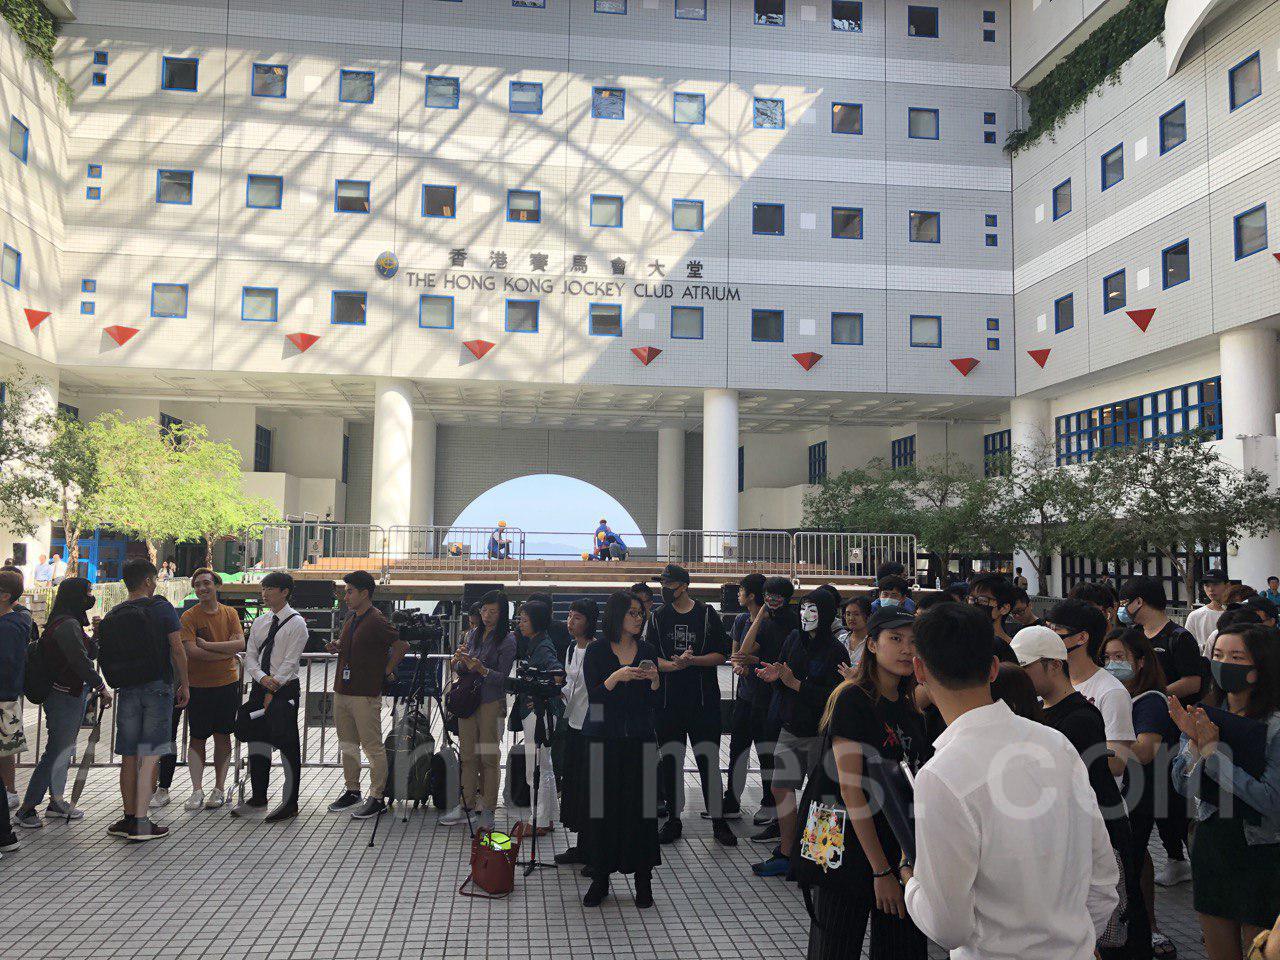 11月1日科大學生集會,要求校方落實學生校董符佩瑩的委任。(余天佑/大紀元)